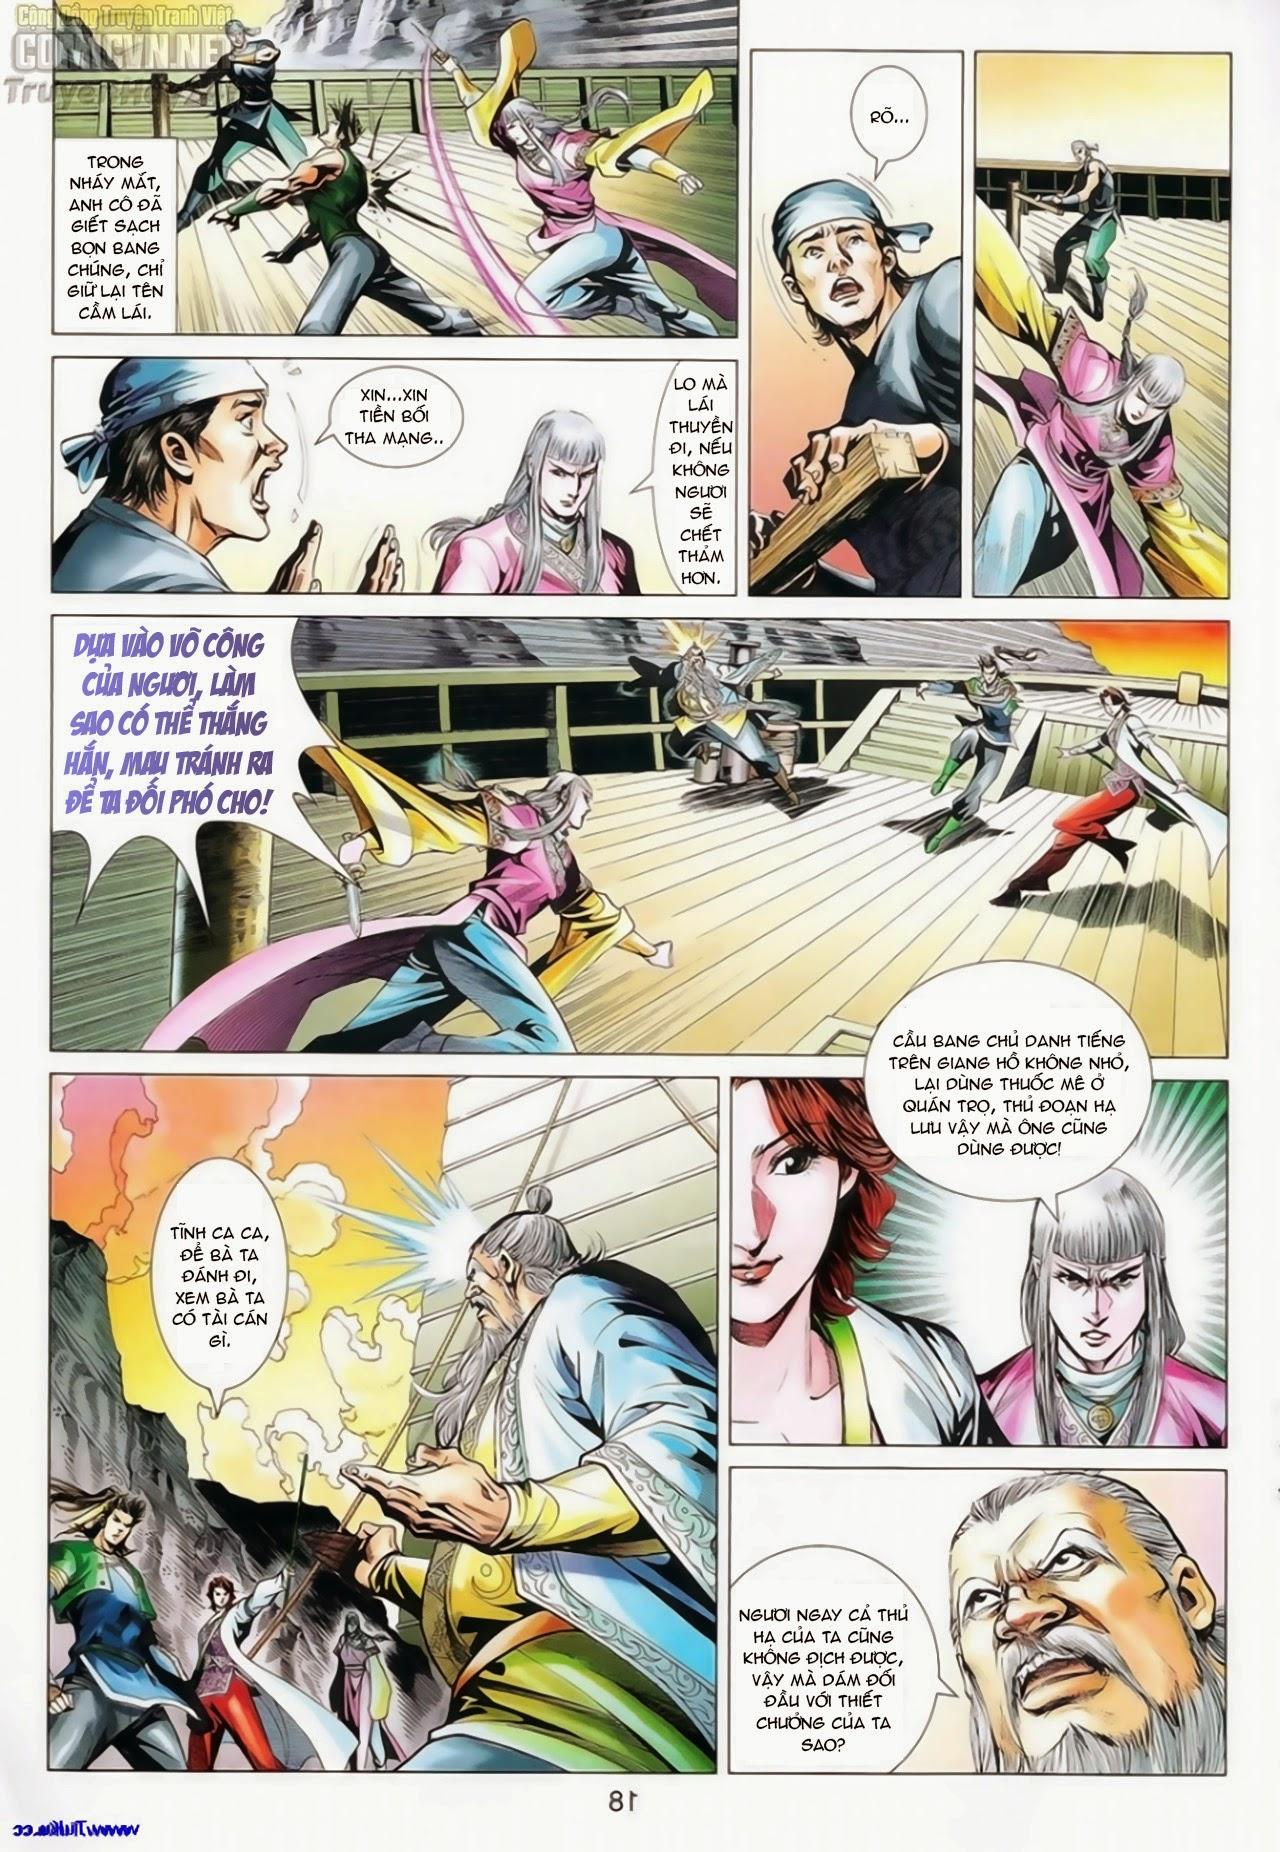 xem truyen moi - Anh Hùng Xạ Điêu - Chapter 81: Nguyên Hung